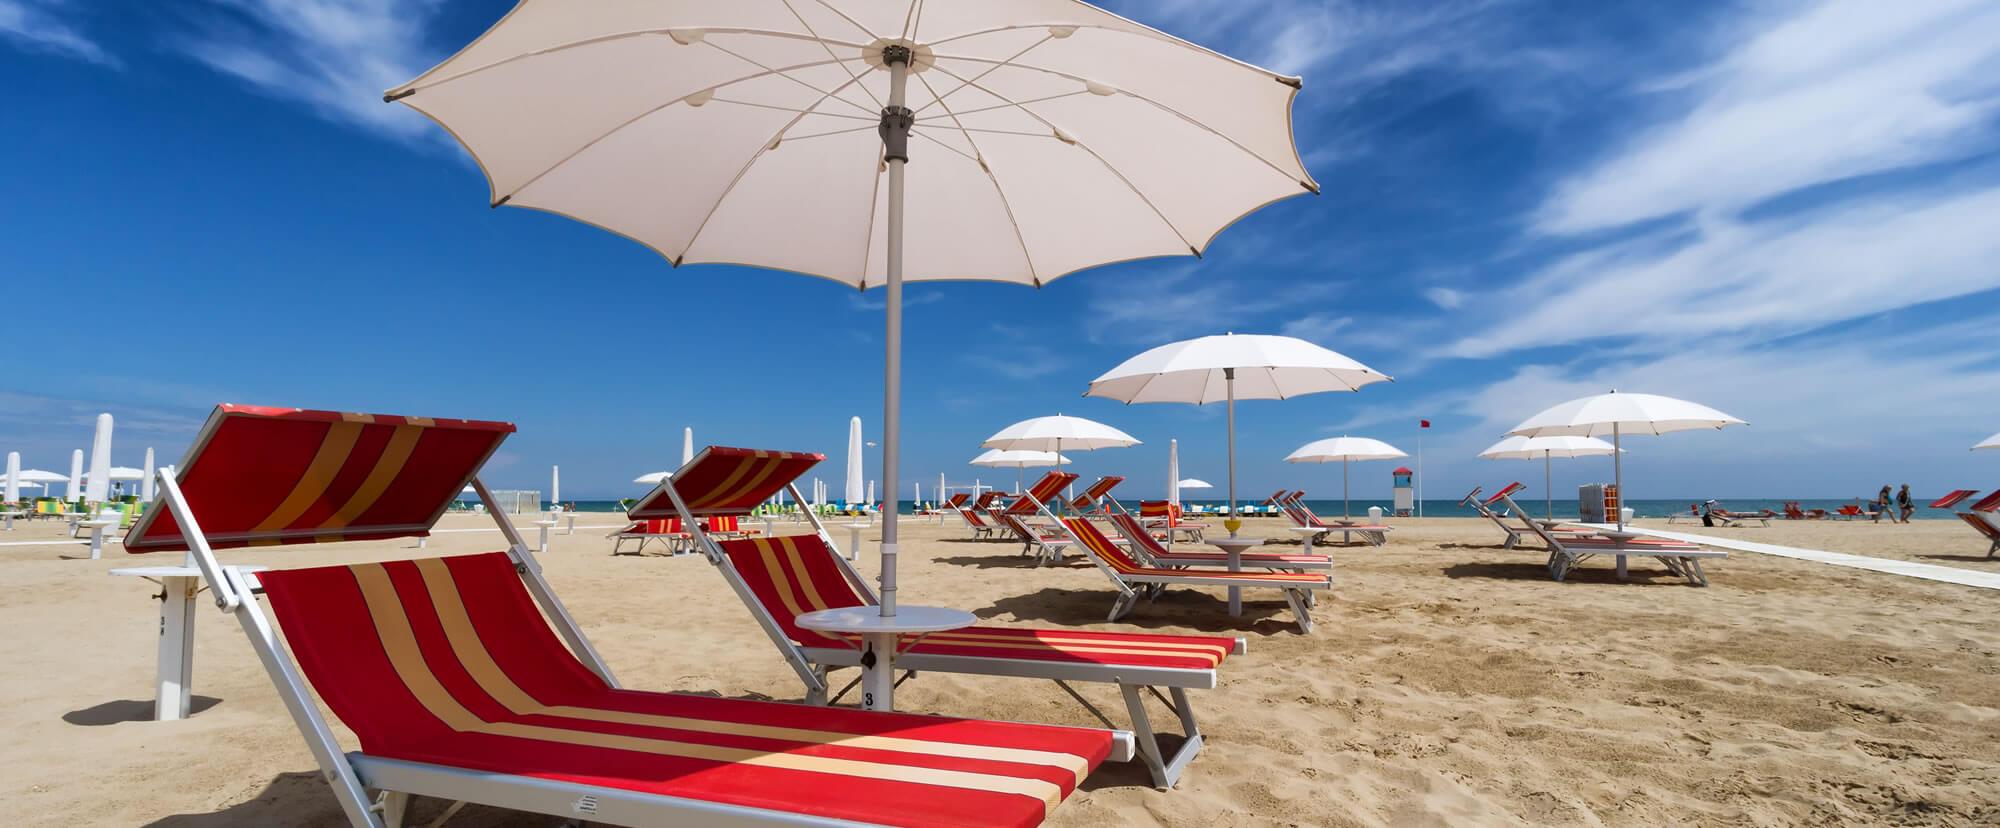 Soggiorno mare a rimini pettin viaggi e turismo for Soggiorno rimini